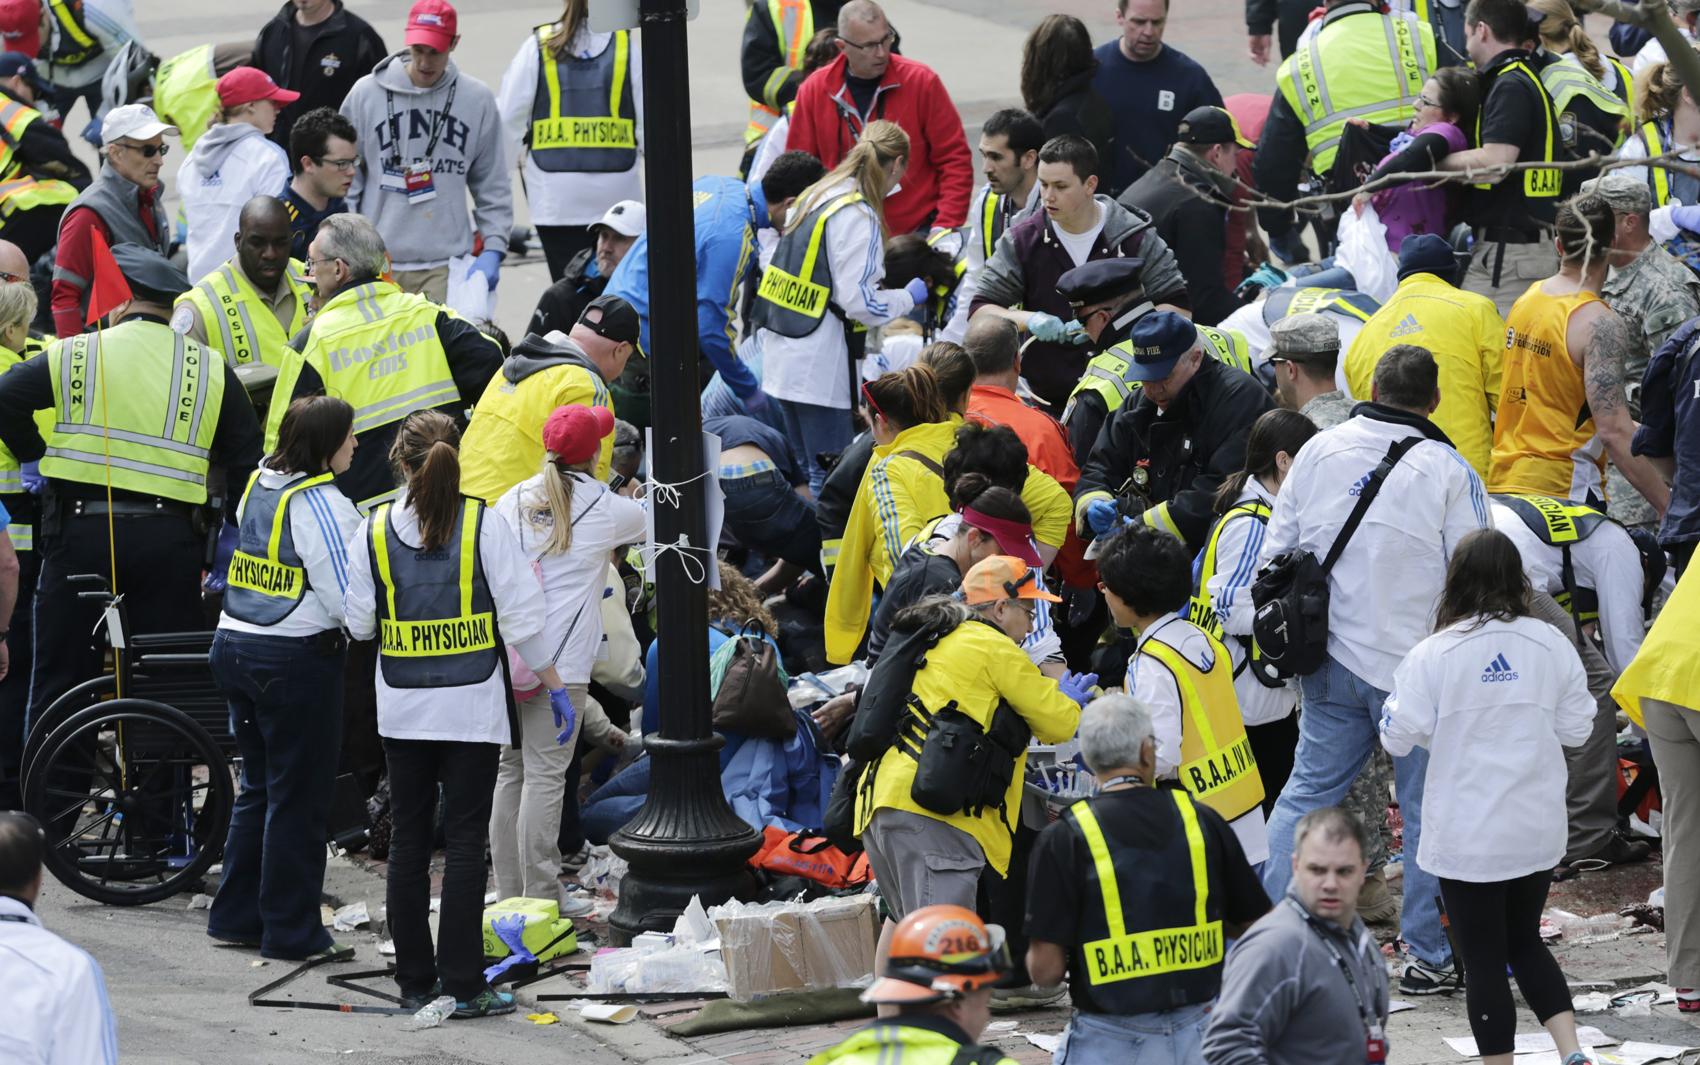 Equipes de resgate atendem vítimas da explosão em Boston.